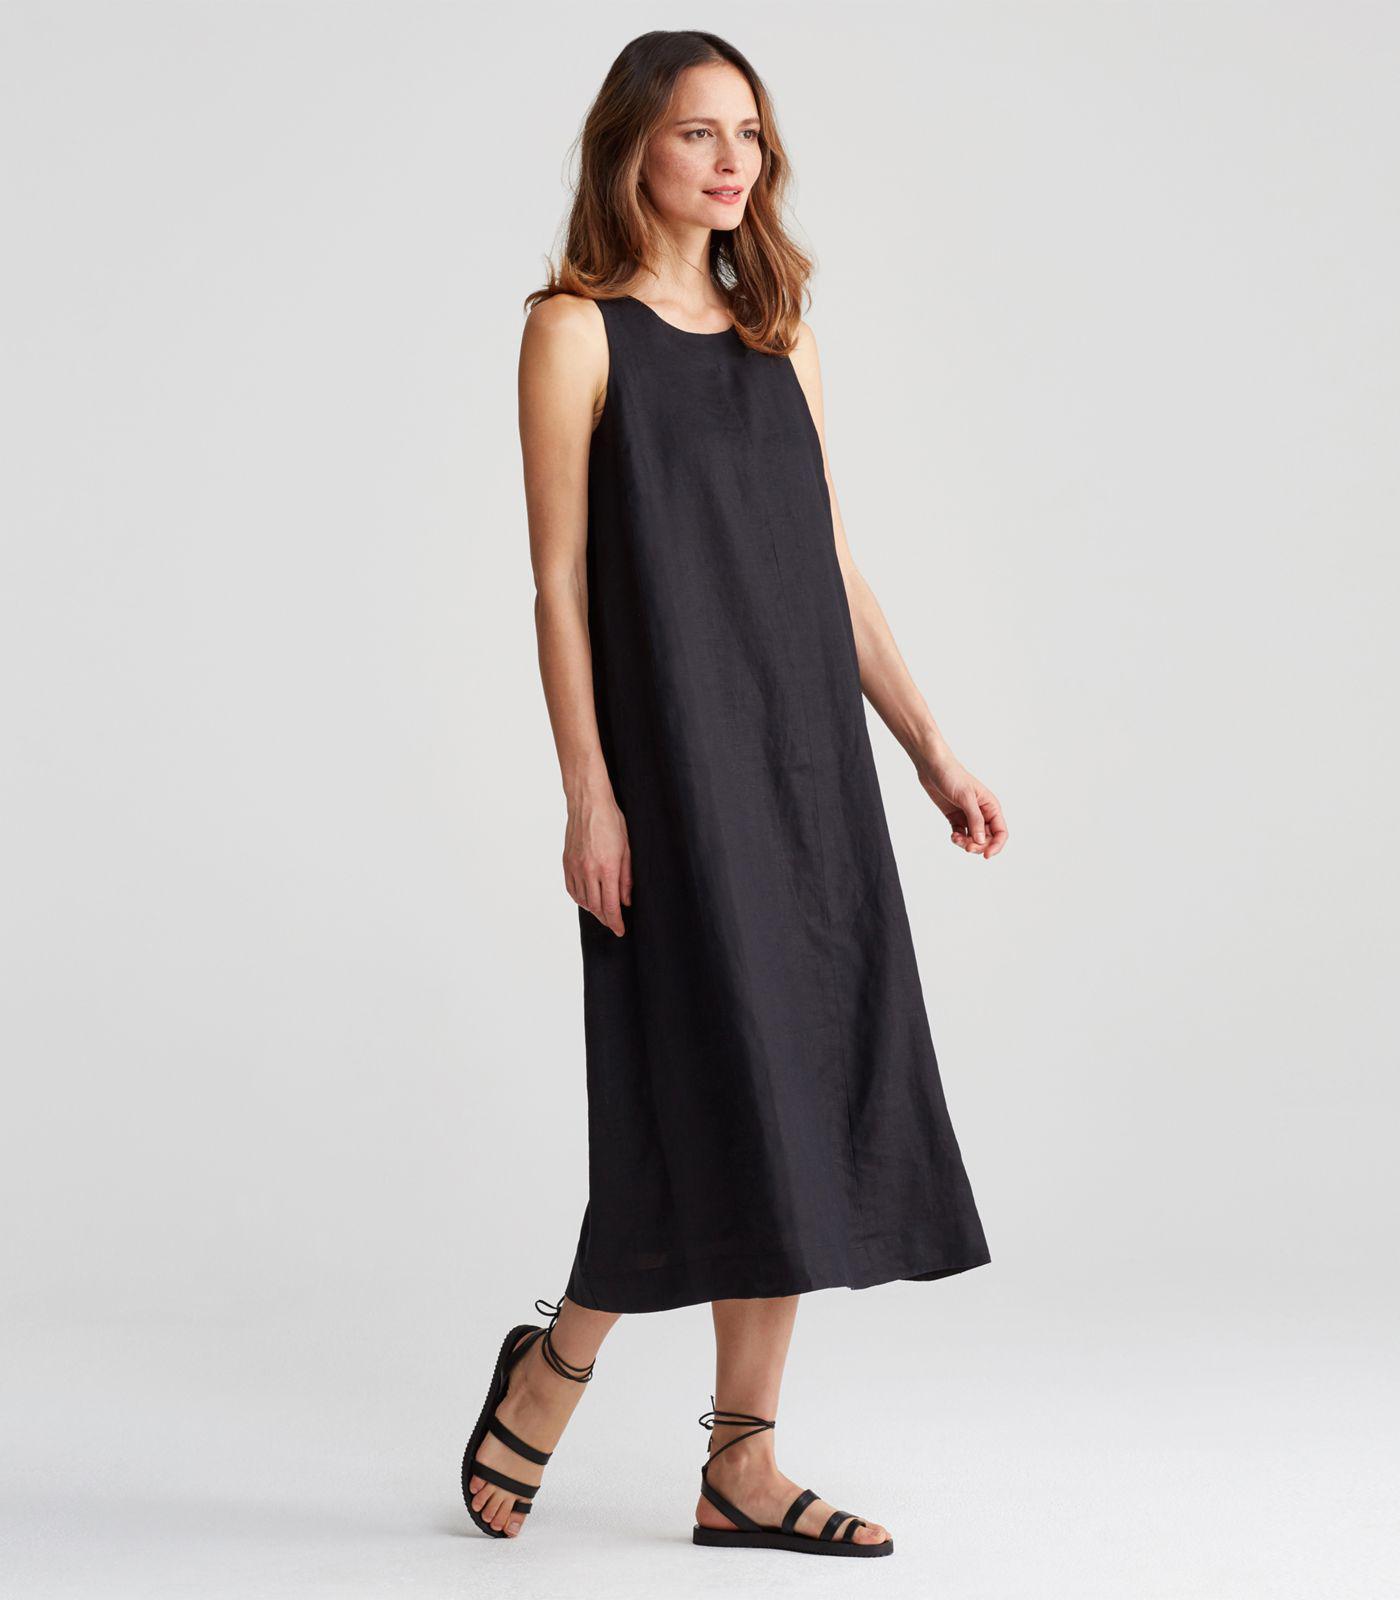 d0bc6621d23 Lyst - Eileen Fisher Organic Handkerchief Linen Round Neck A-line ...